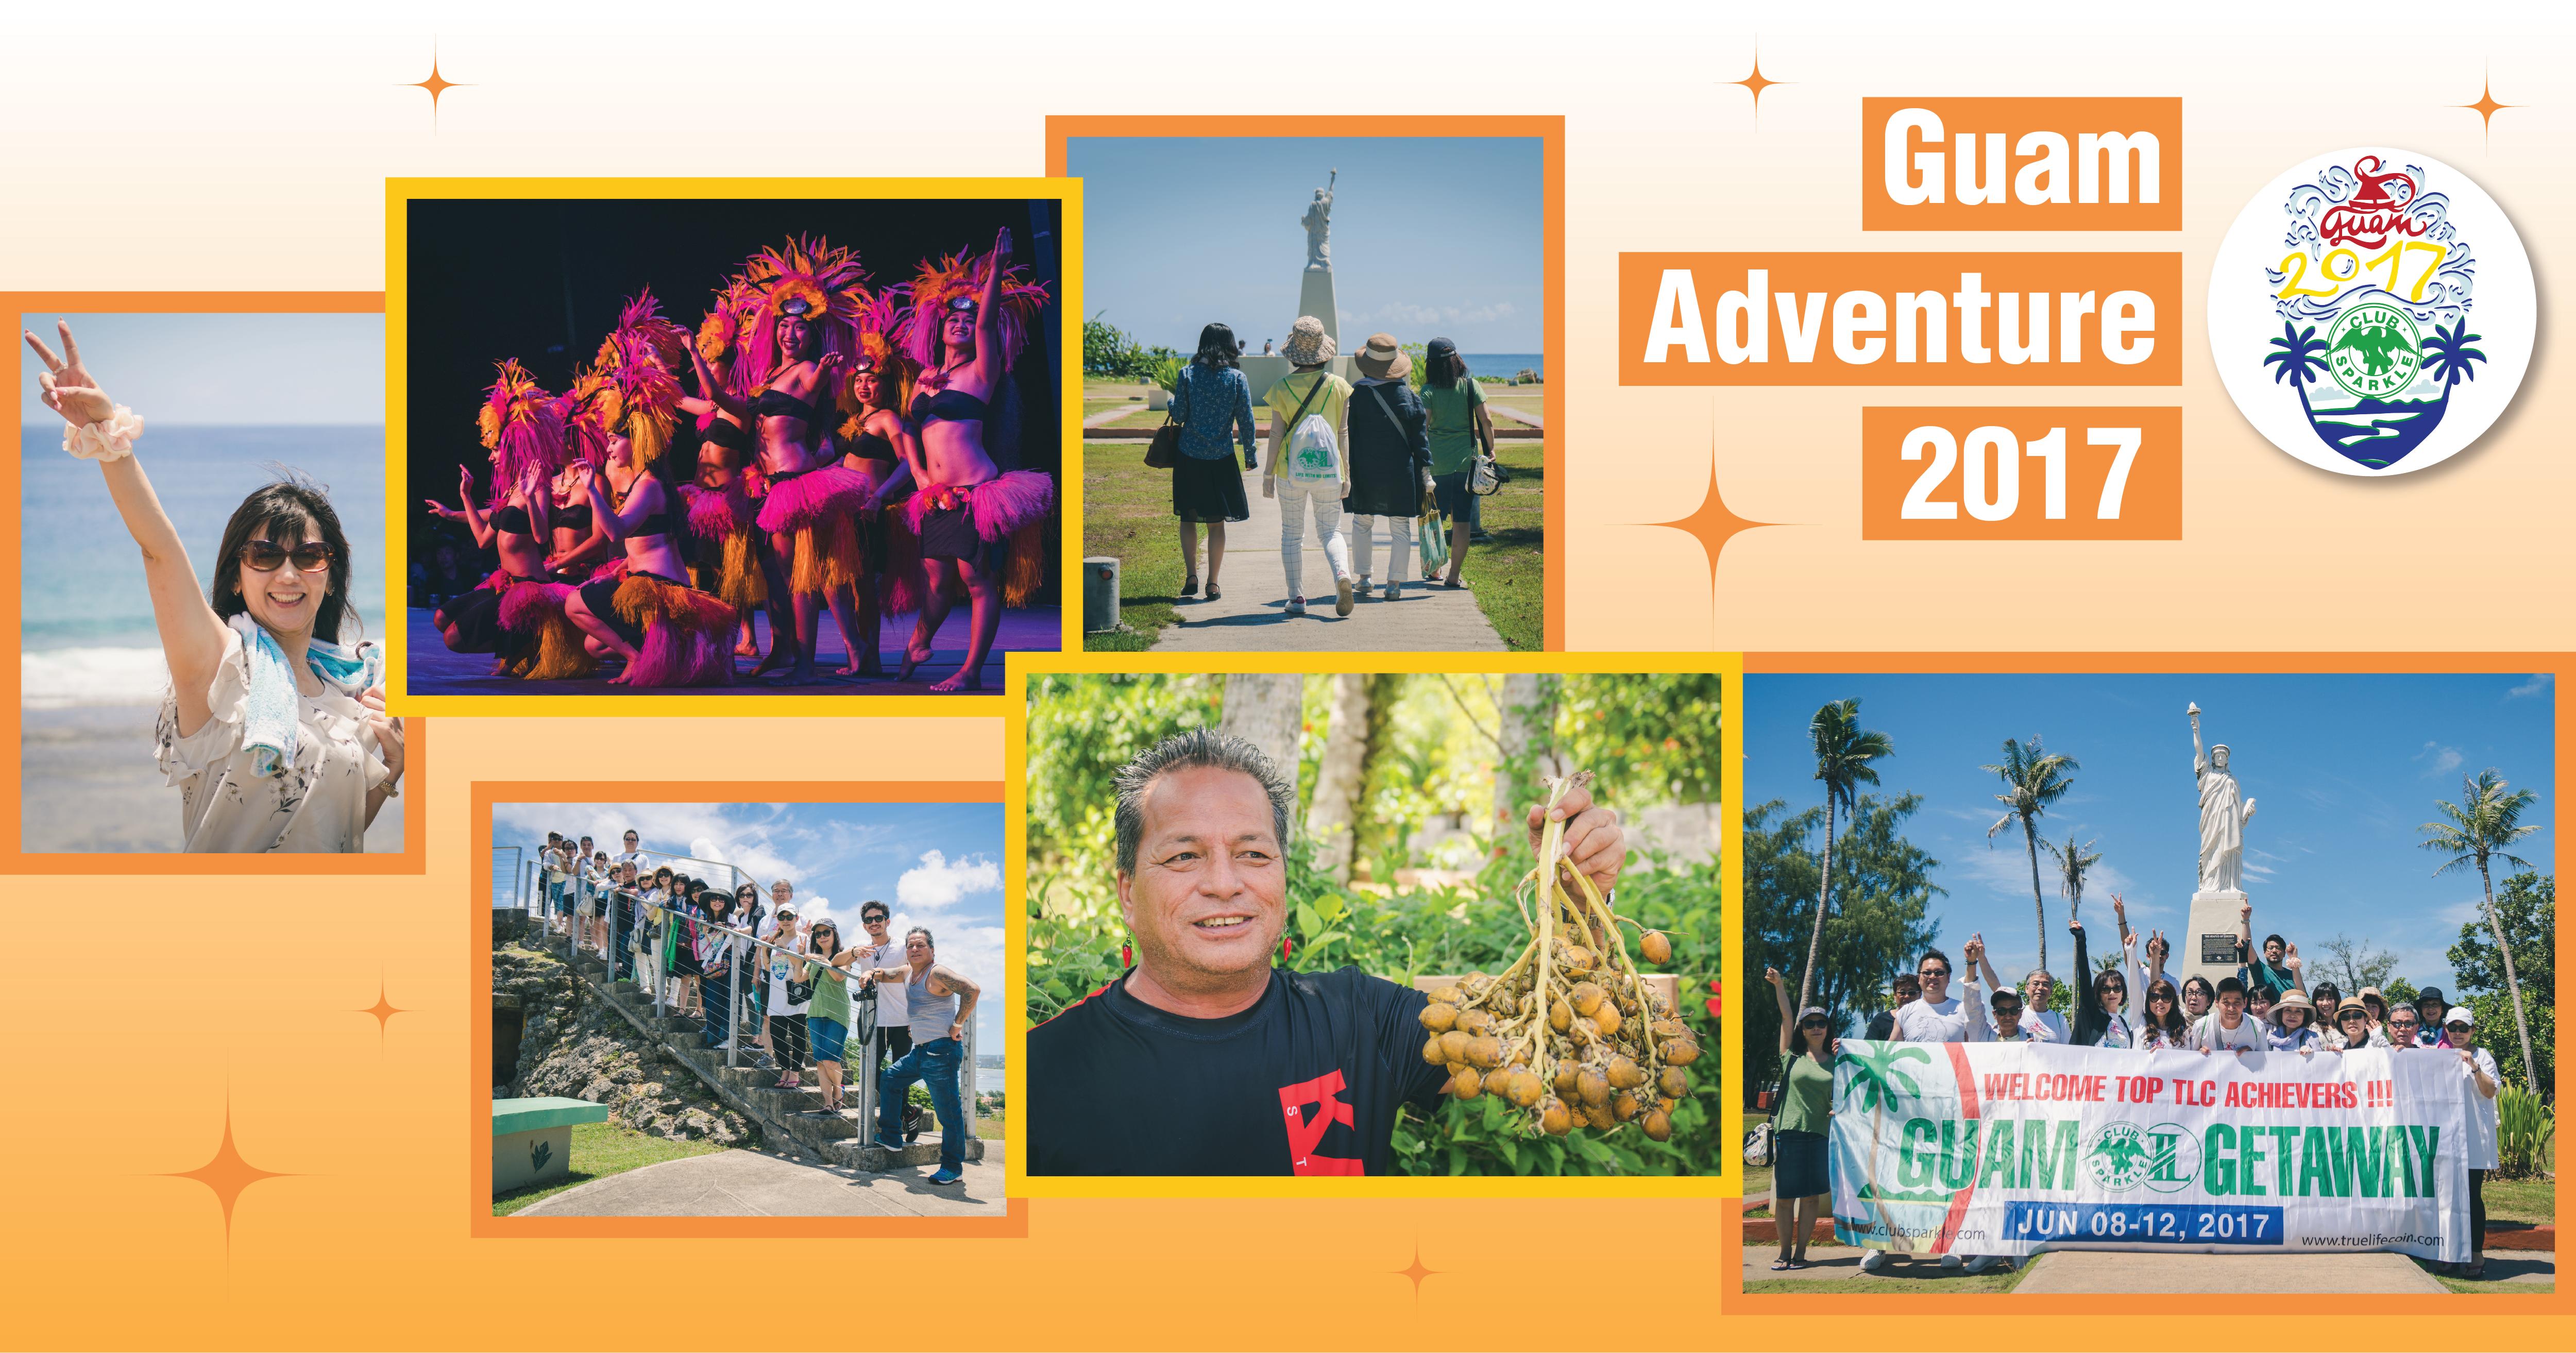 Guam Adventure 2017 collage